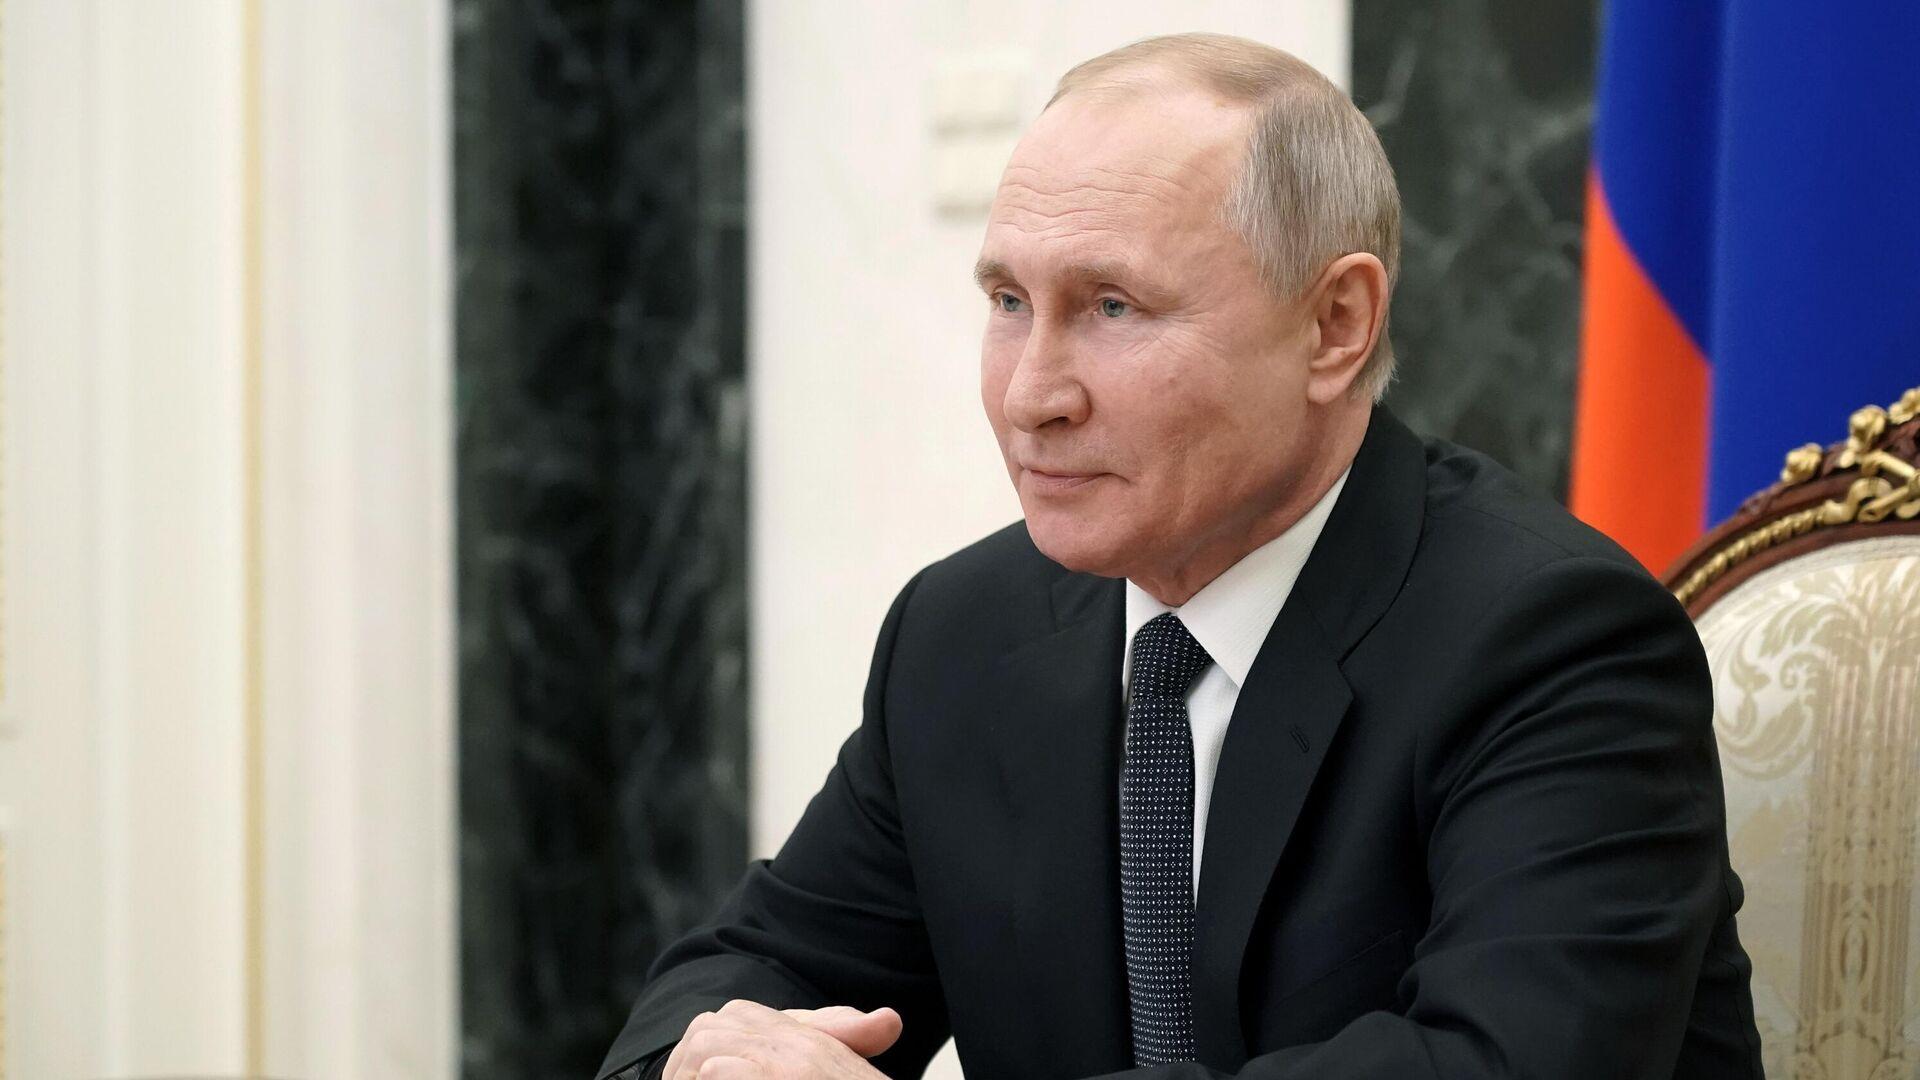 Президент РФ Владимир Путин проводит в режиме видеоконференции оперативное совещание с постоянными членами Совета безопасности РФ - РИА Новости, 1920, 23.03.2021